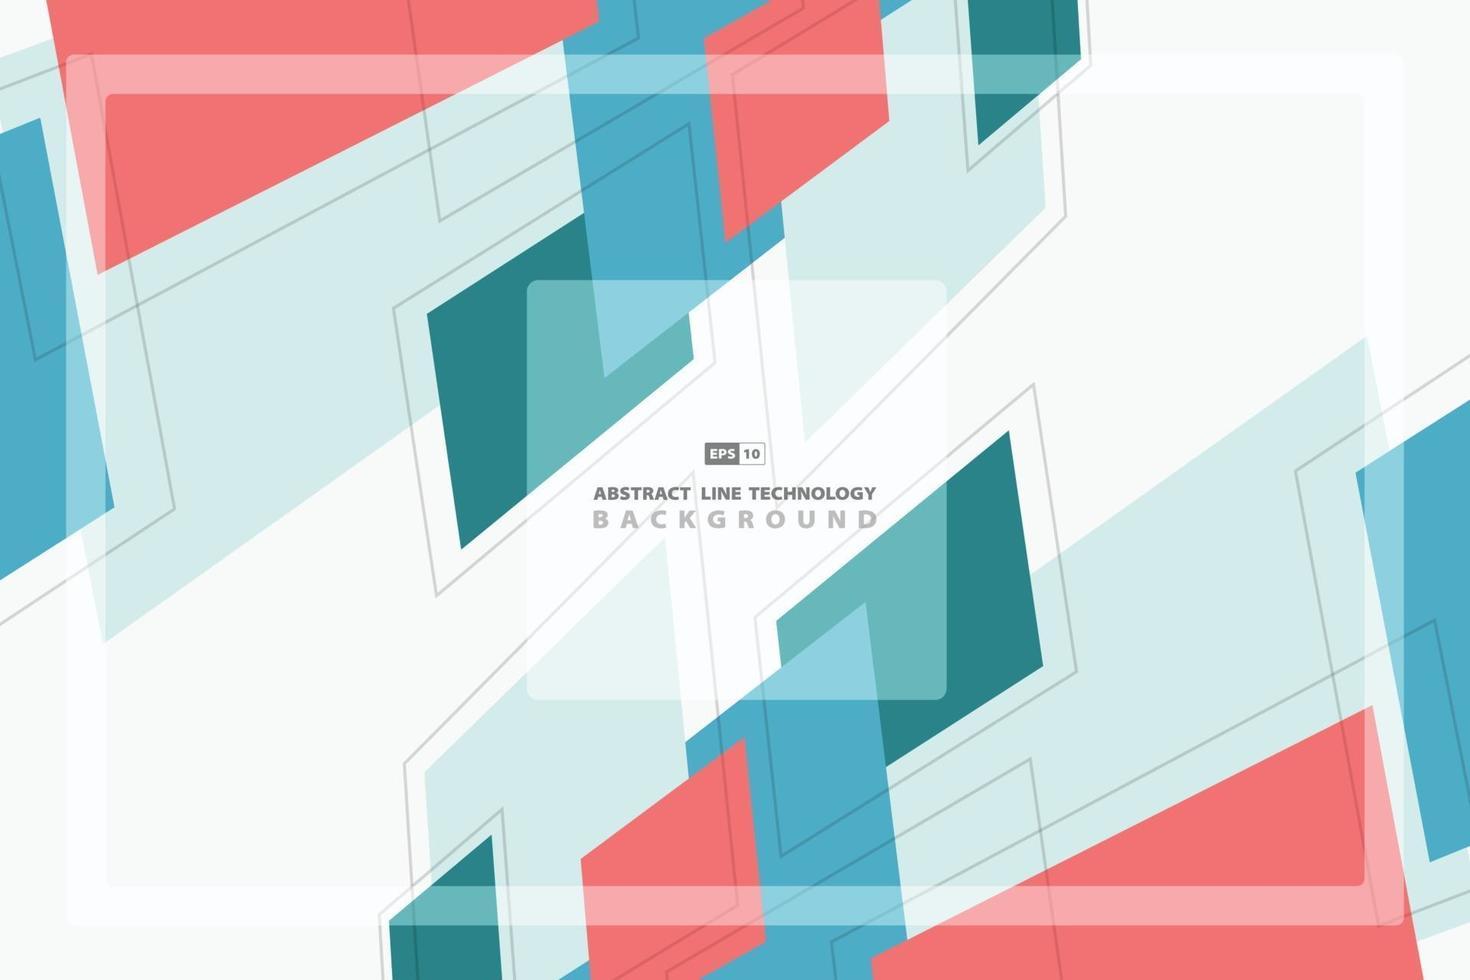 abstrakter Pastell geometrischer bunter Musterdesignhintergrund. Illustrationsvektor eps10 vektor